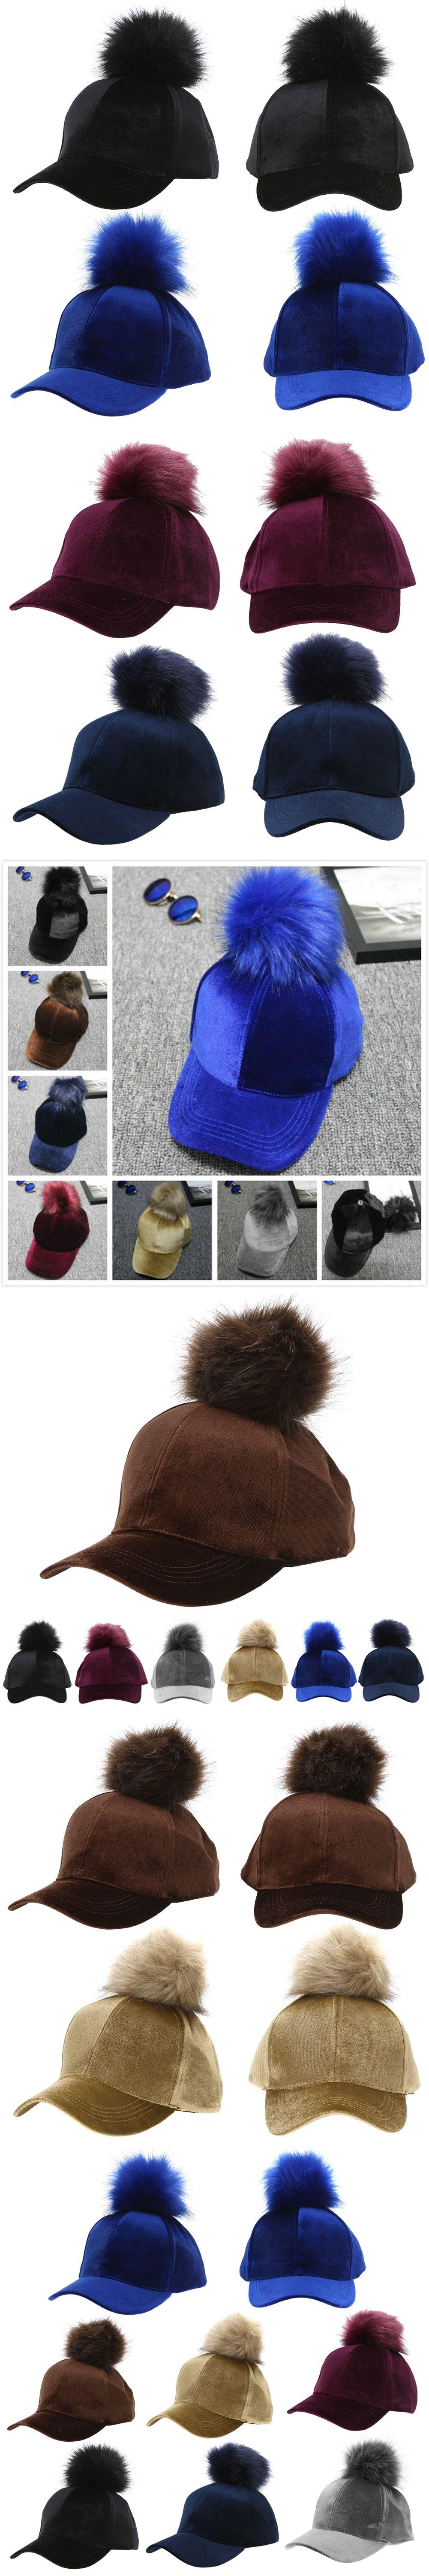 29d30b3ab00 Women Faux Fox Fur Pompom Baseball Caps Ball Suede Adjustable Pom Pom Cap  Hip-Hop